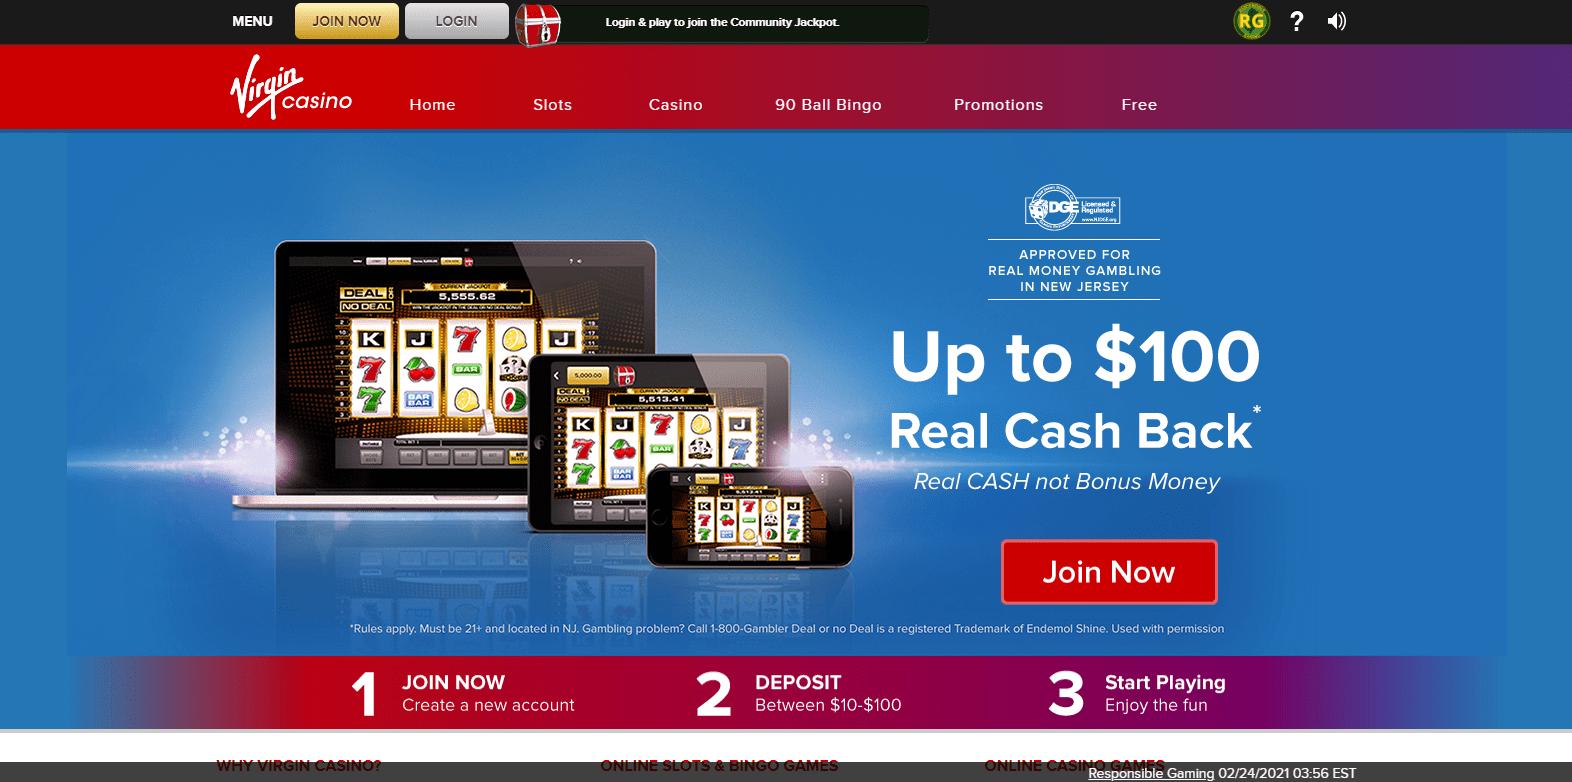 Virgin Online Casino